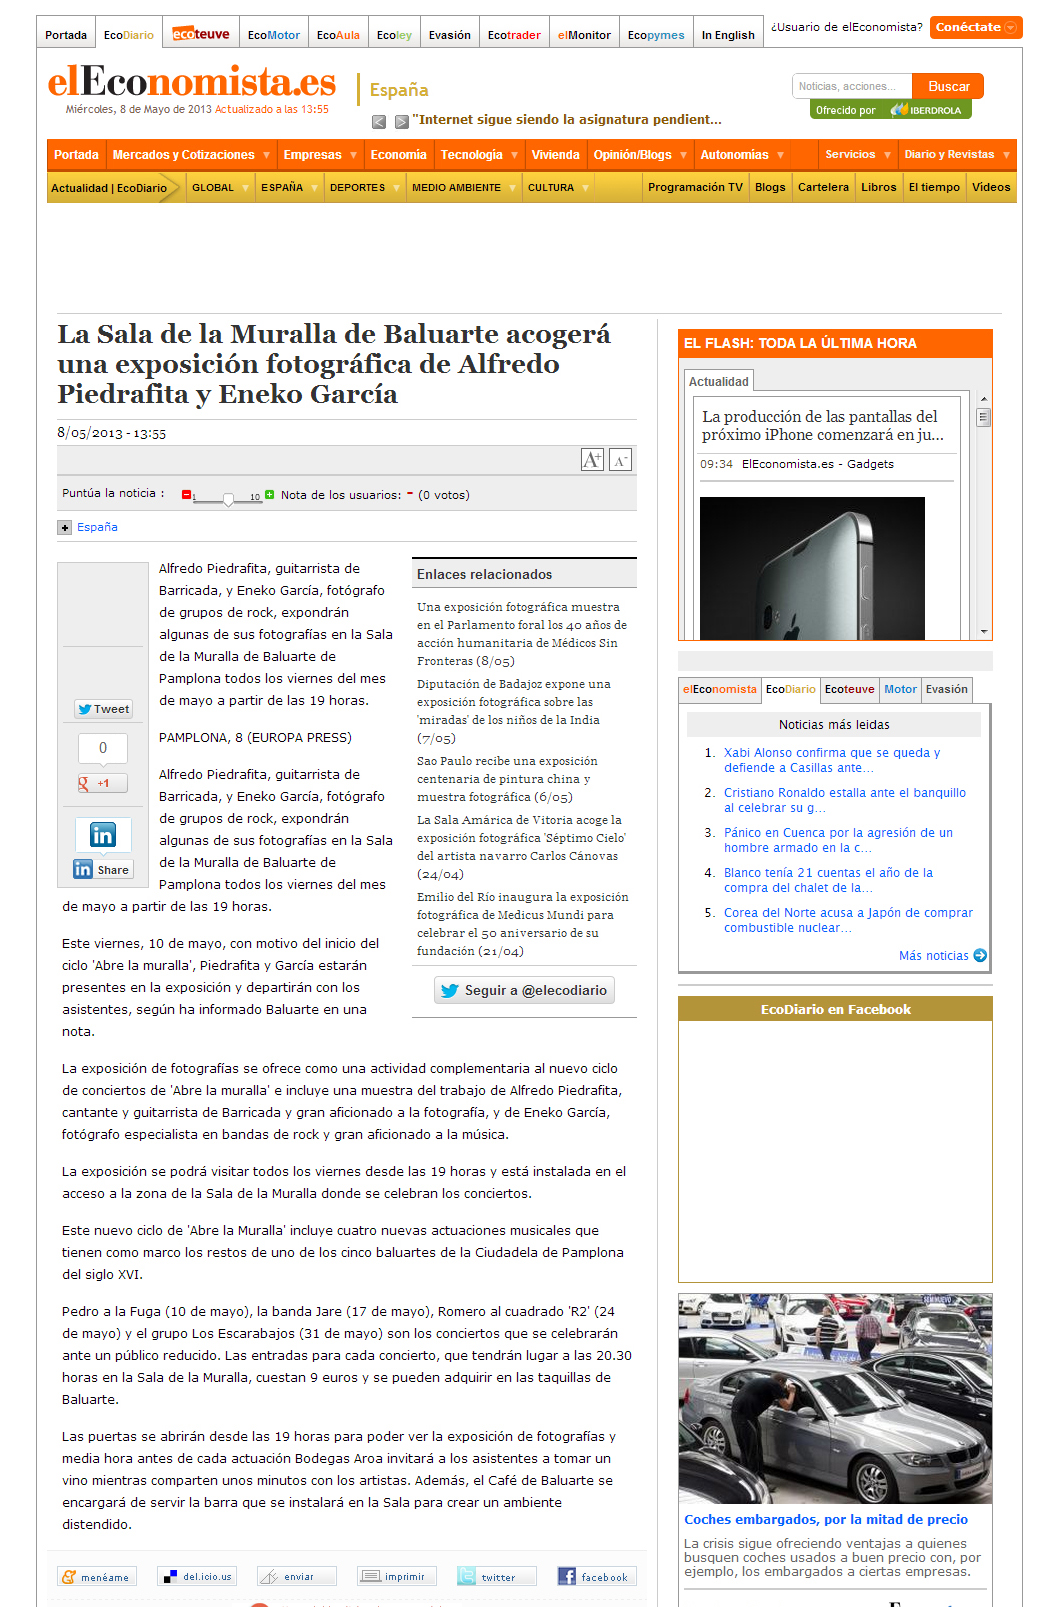 Baluarte_elEco.jpg